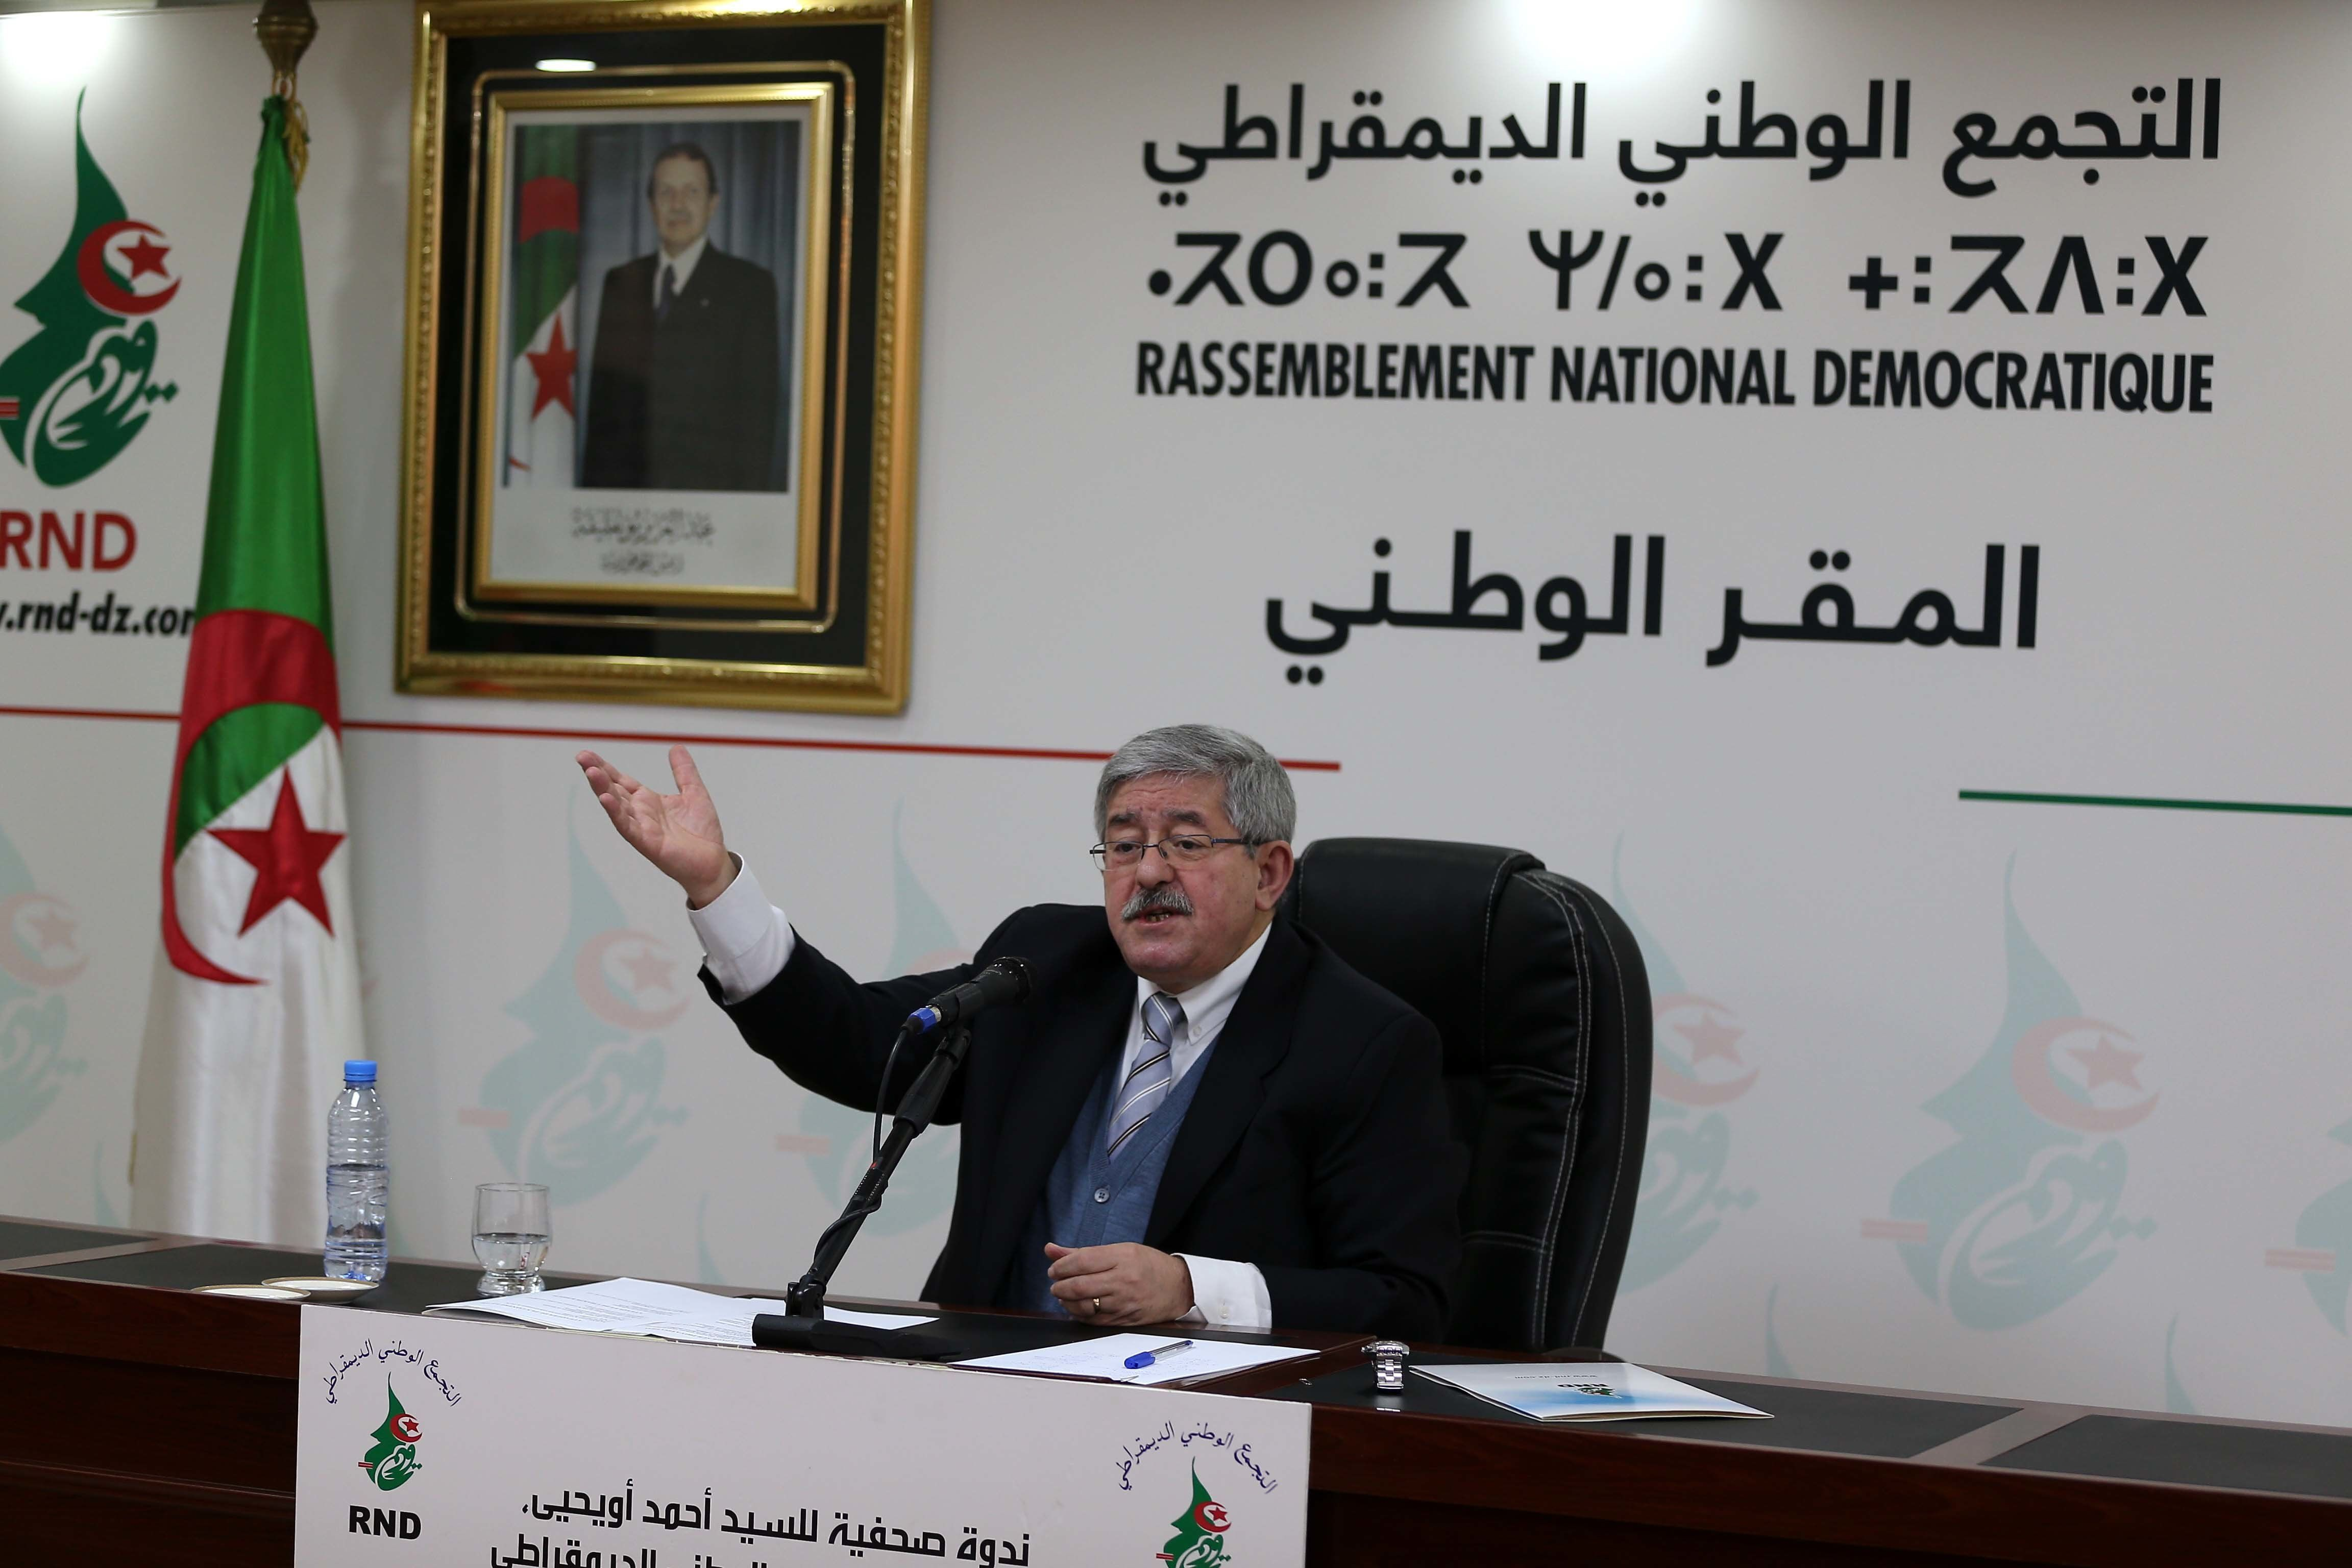 """Ouyahia: """"le RND défendra la crédibilité de la transition démocratique"""" prônée par le Président"""